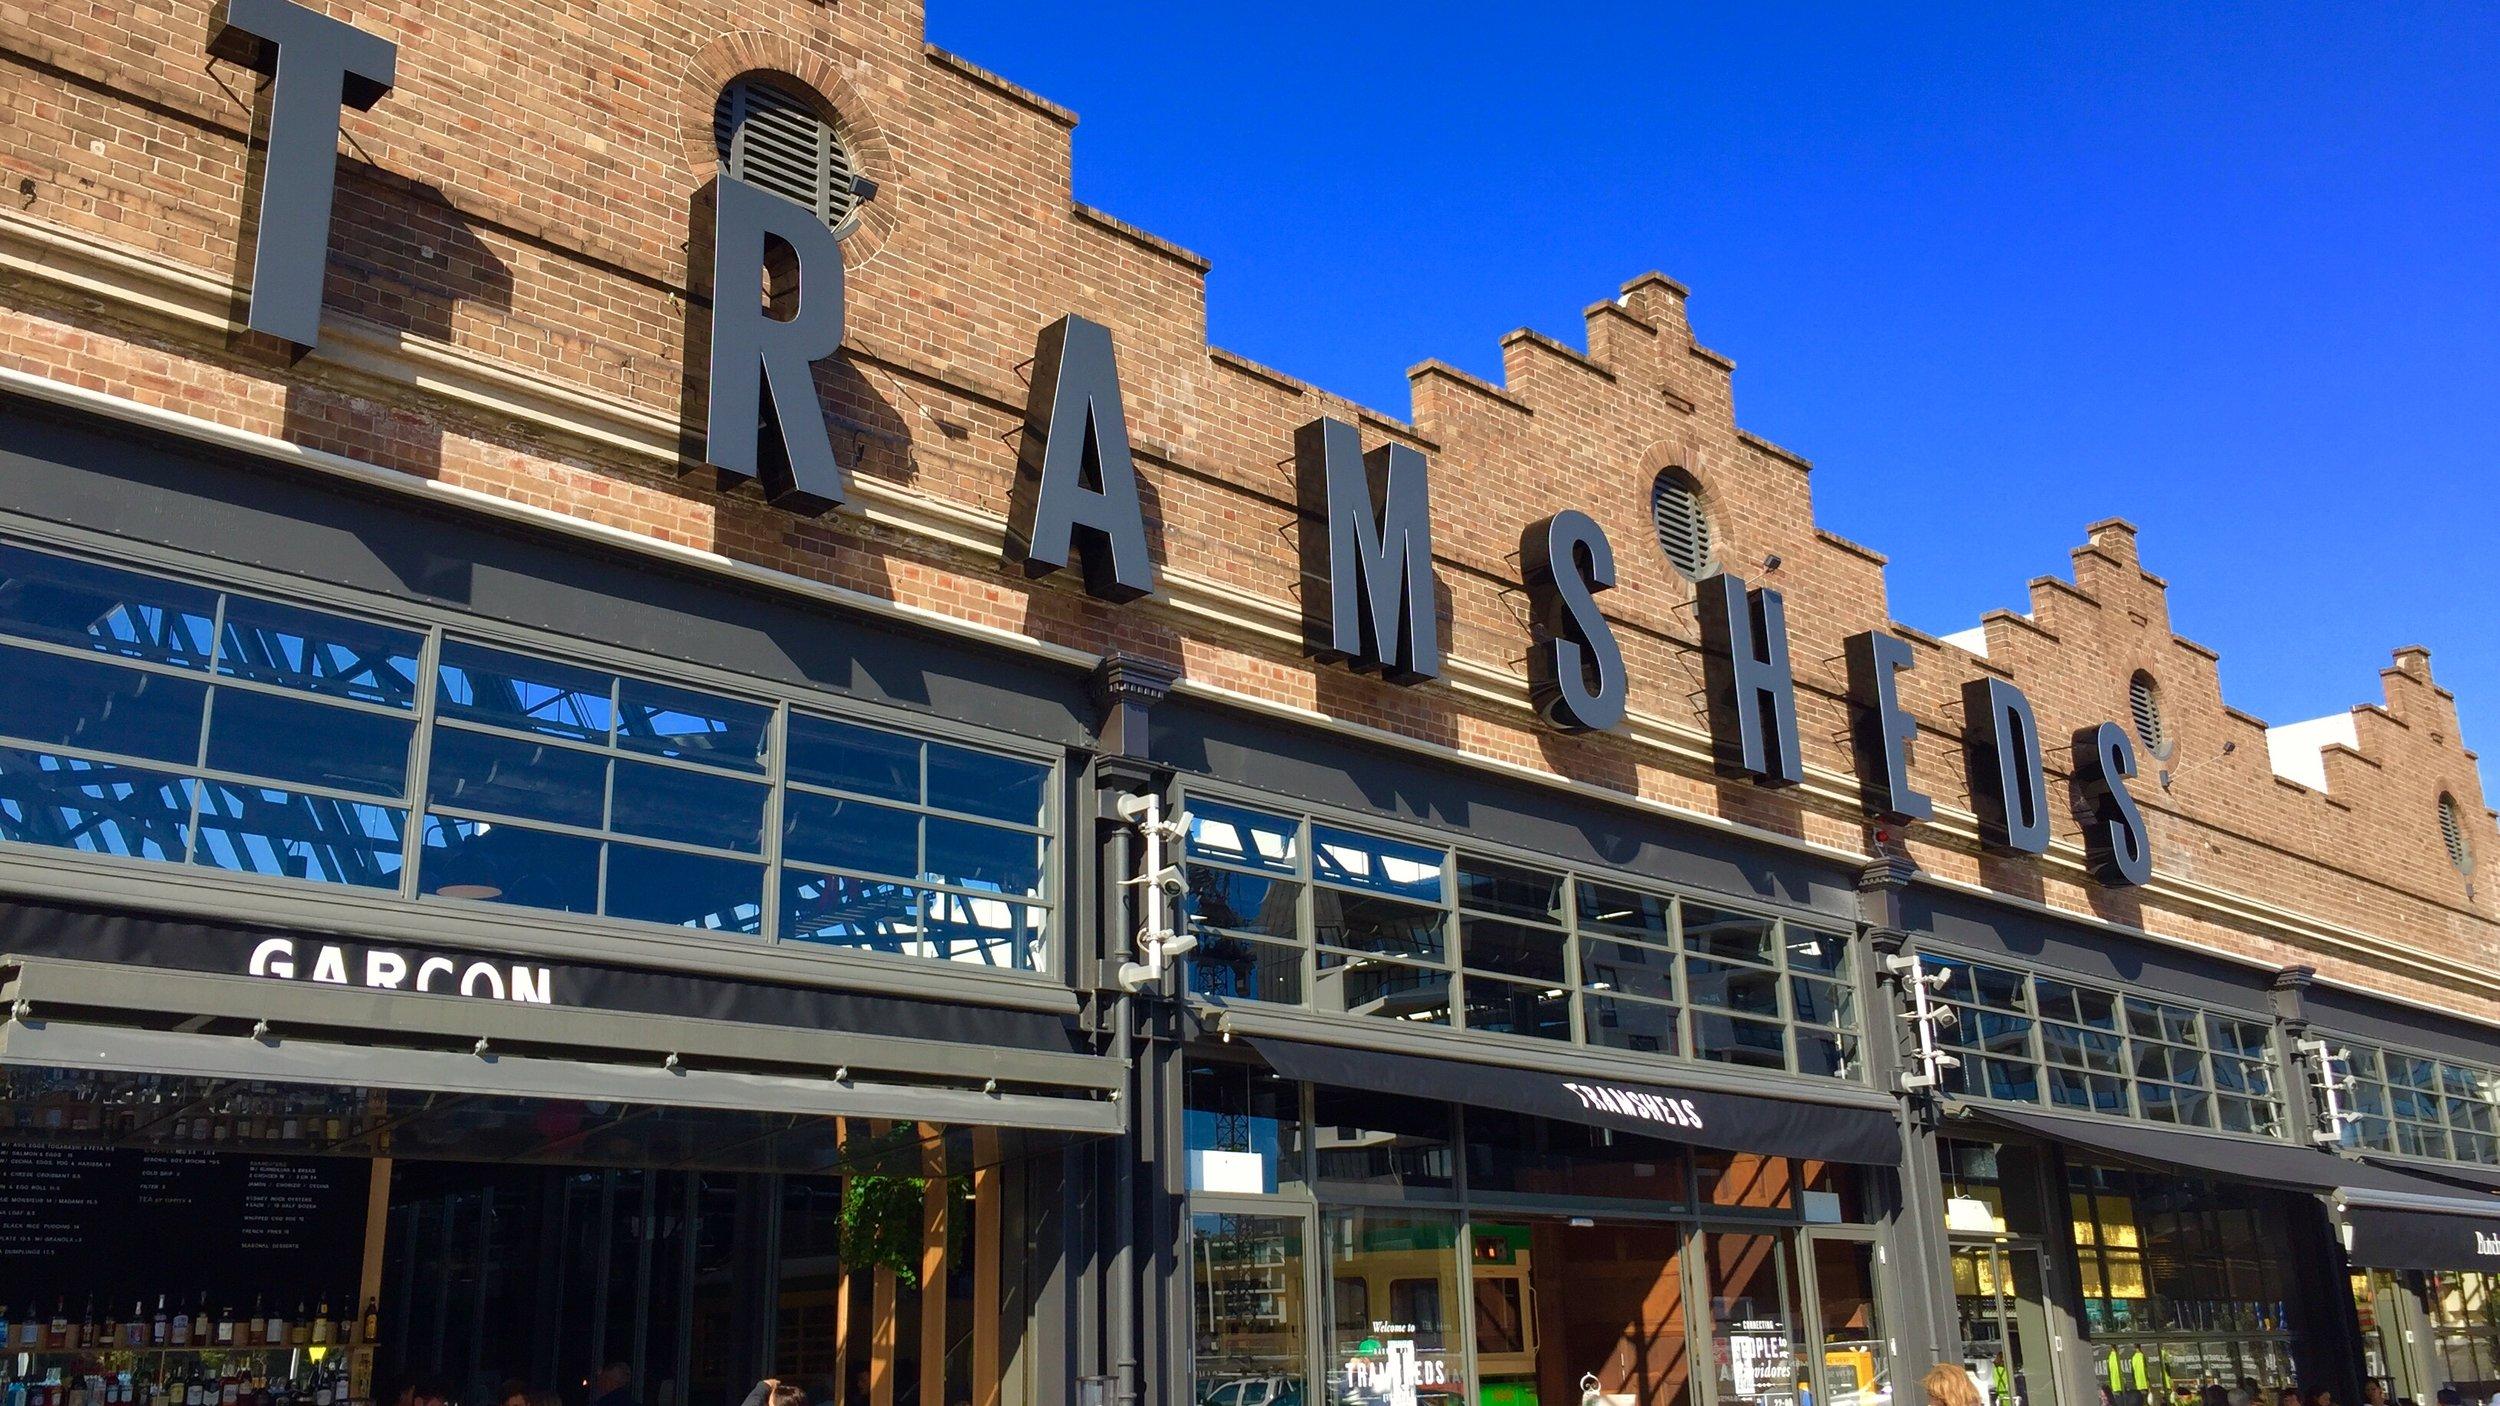 Sydney's newest food destination, the Harold Park Tramsheds.